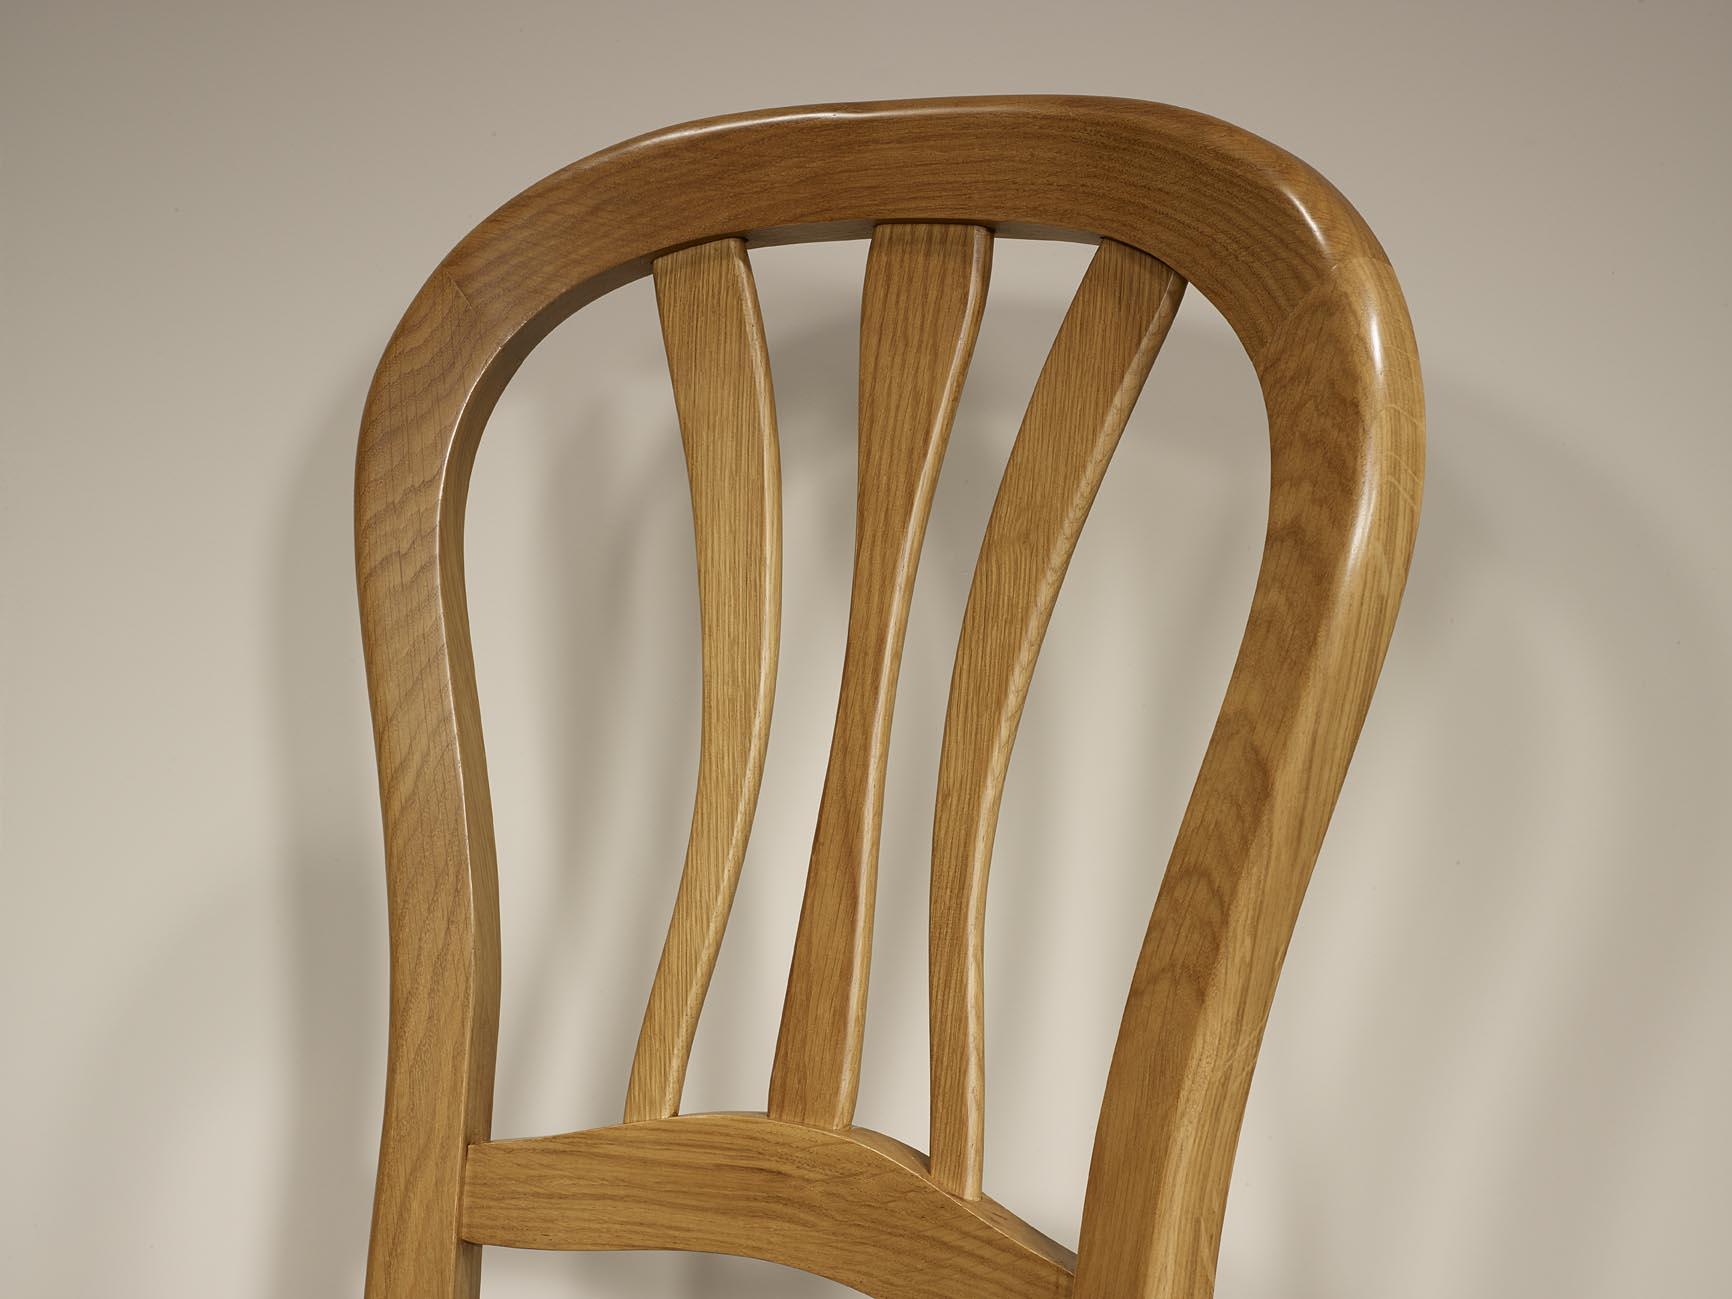 chaise en ch ne massif de style louis philippe assise. Black Bedroom Furniture Sets. Home Design Ideas